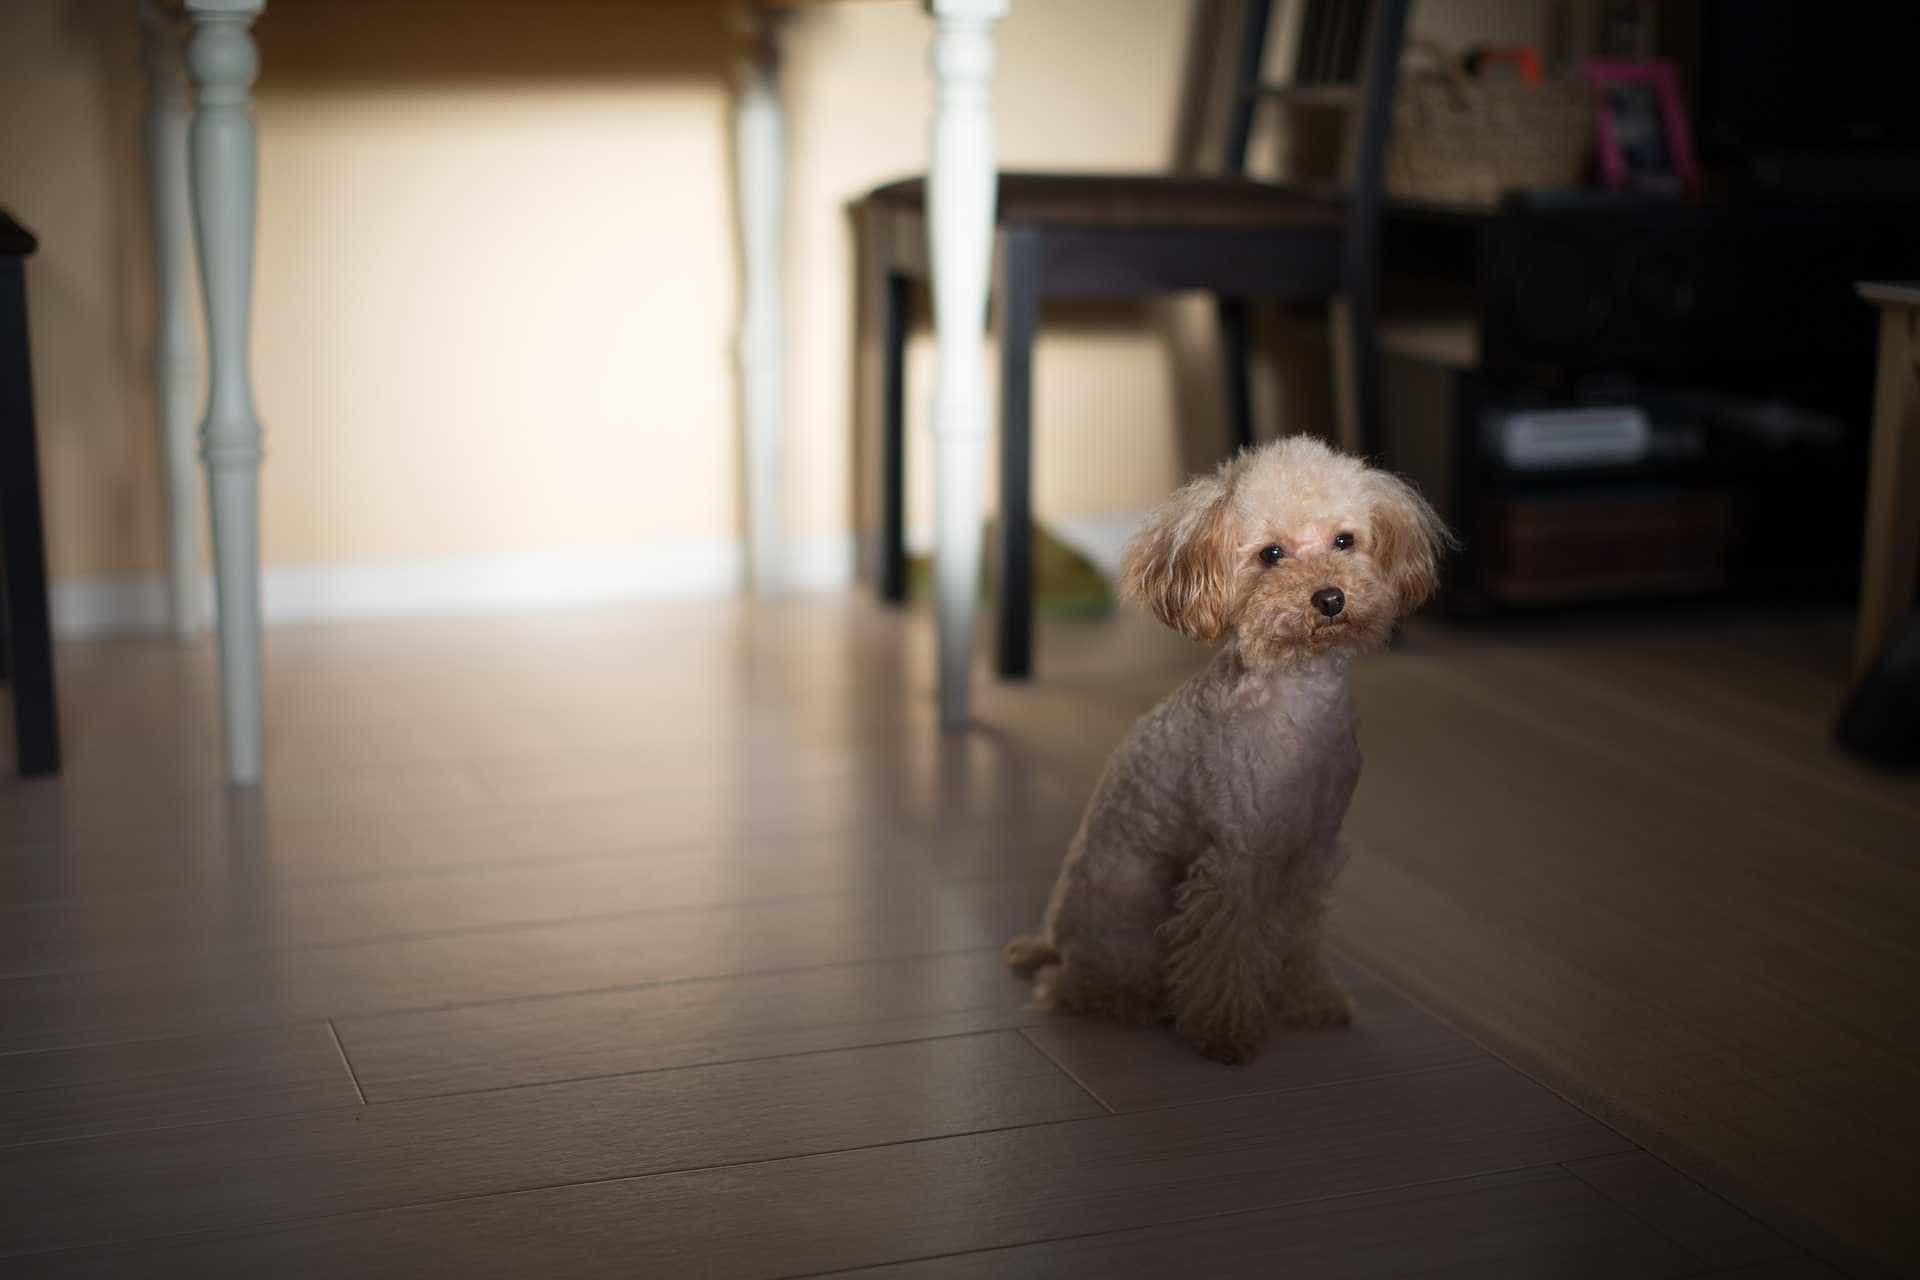 Hospital autoriza idosa a receber visitas da cadela durante internação